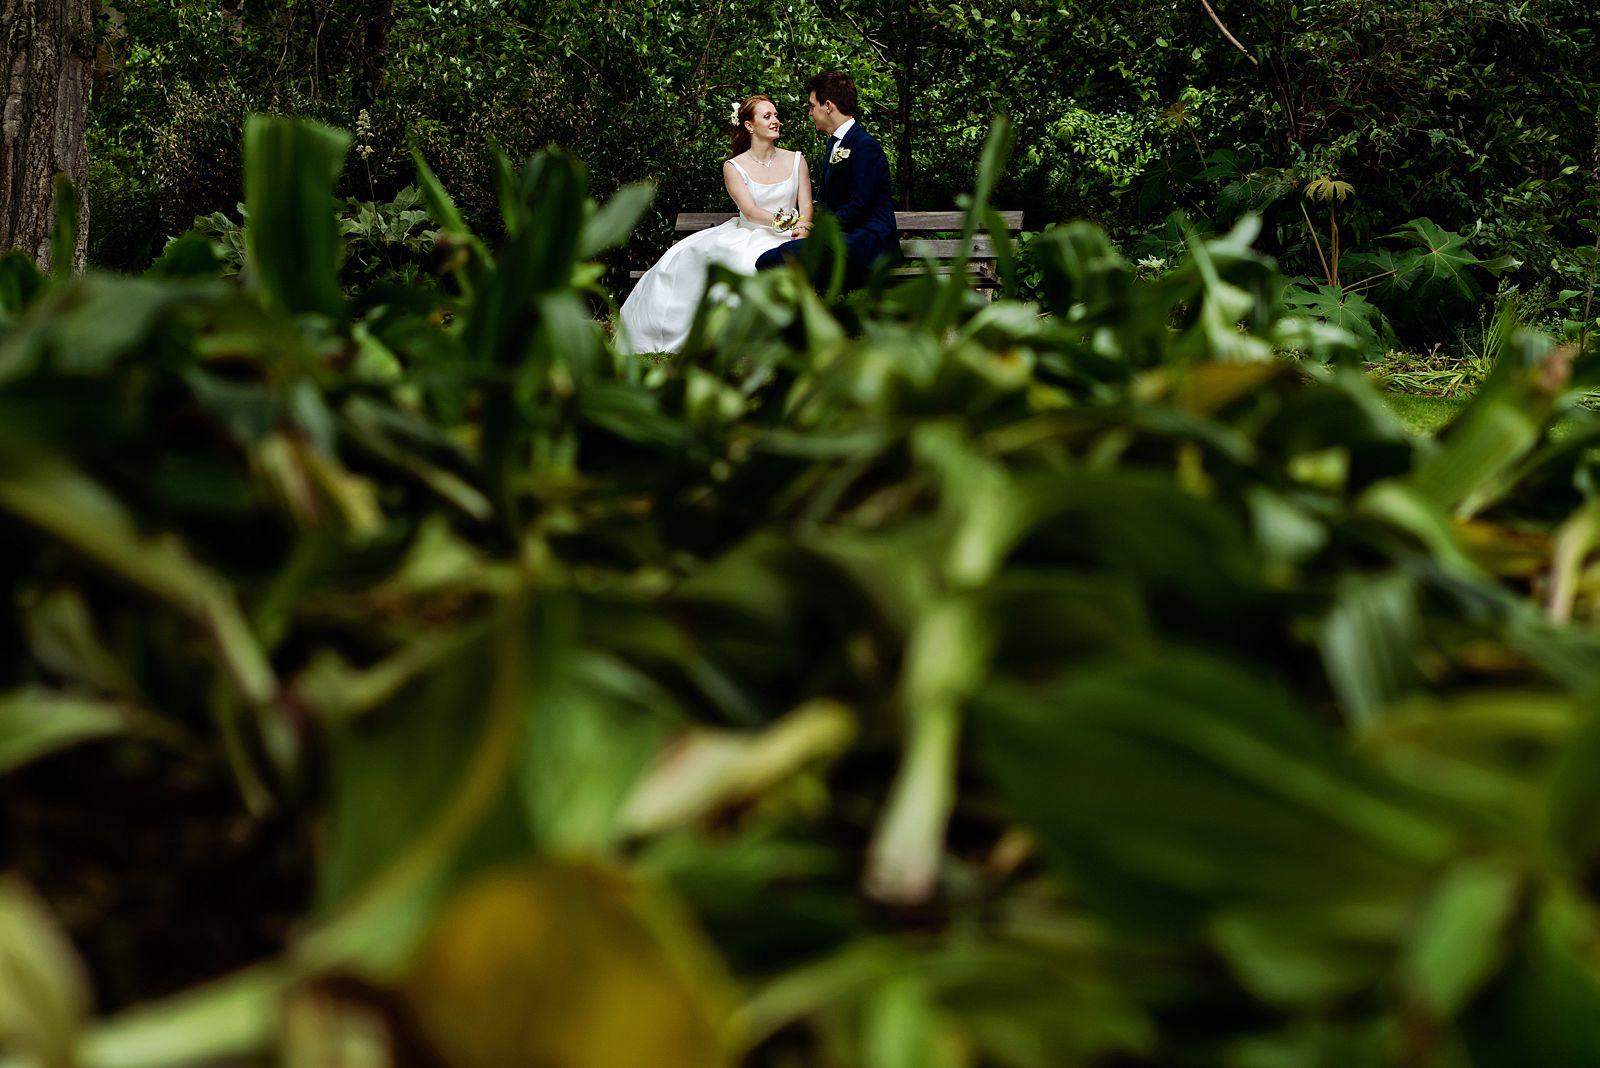 ruudc fotografie, trouwfotograaf leiden, bruidsfotograaf leiden, bruidsfotograaf zuid-holland, trouwfotograaf zuid-holland, hortus leiden trouwen, hortus leiden bruiloft, trouwen hortus botanicus, trouwen hortus leiden, hortus botanicus leiden, trouwen in leiden, trouwen in zuid-holland, fotograaf Leiden, bruiloft hortus botanicus,buitenbruiloft, festivalbruiloft, trouwen in limburg, fotograaf bruiloft, fotograaf huwelijk